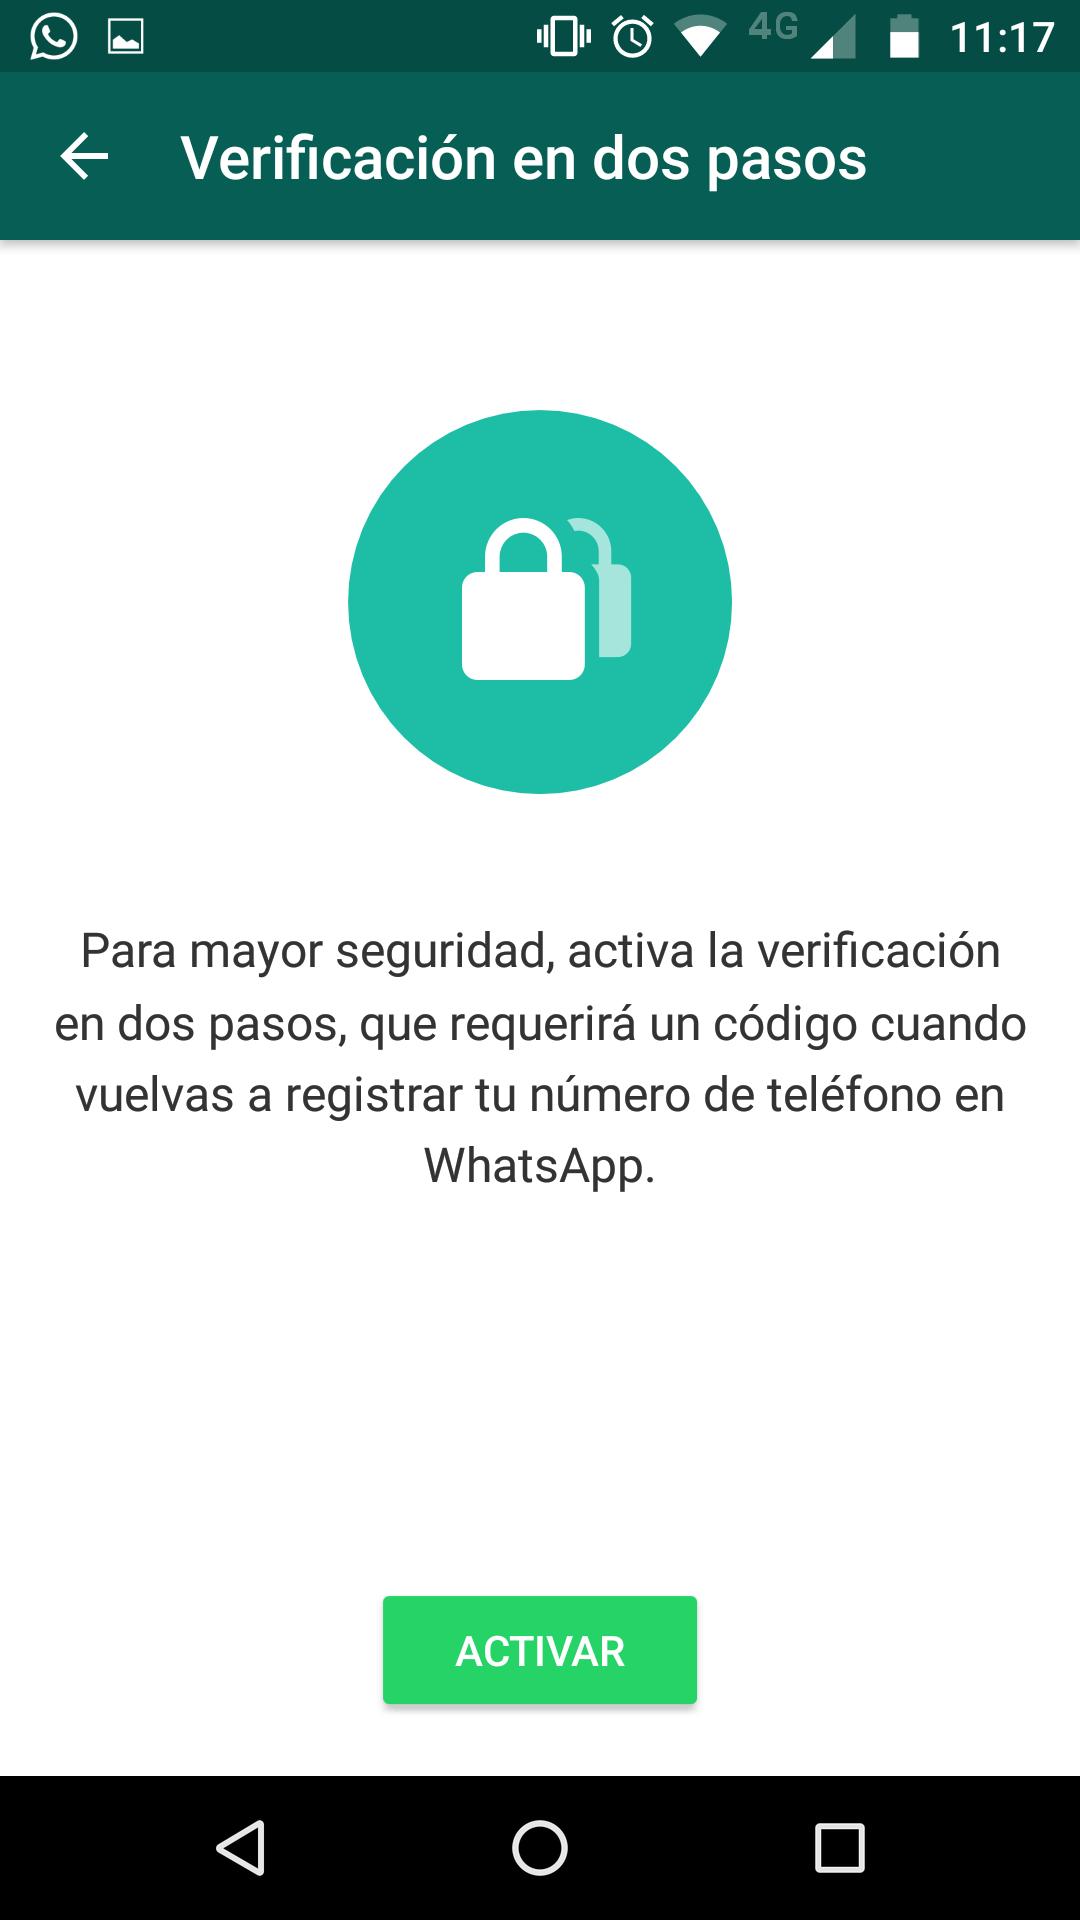 """Activar función """"verificación en dos pasos"""" de WhatsApp"""